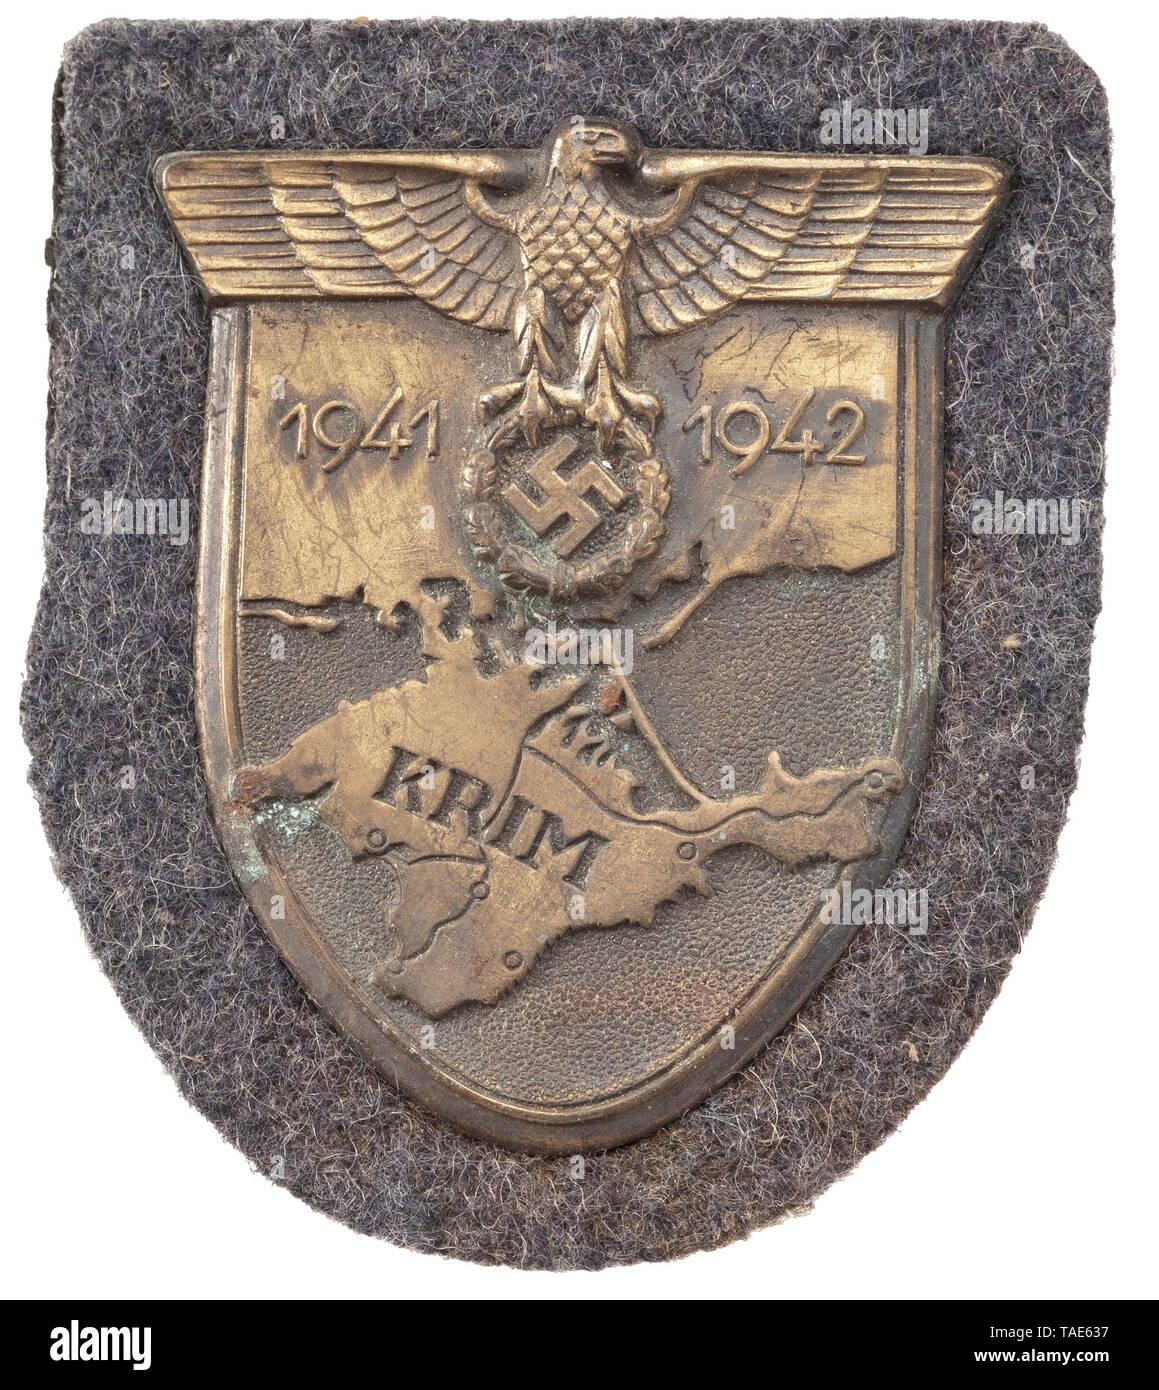 Un Krim scudo per la Luftwaffe membri storica, storica del xx secolo, Editorial-Use-solo Immagini Stock